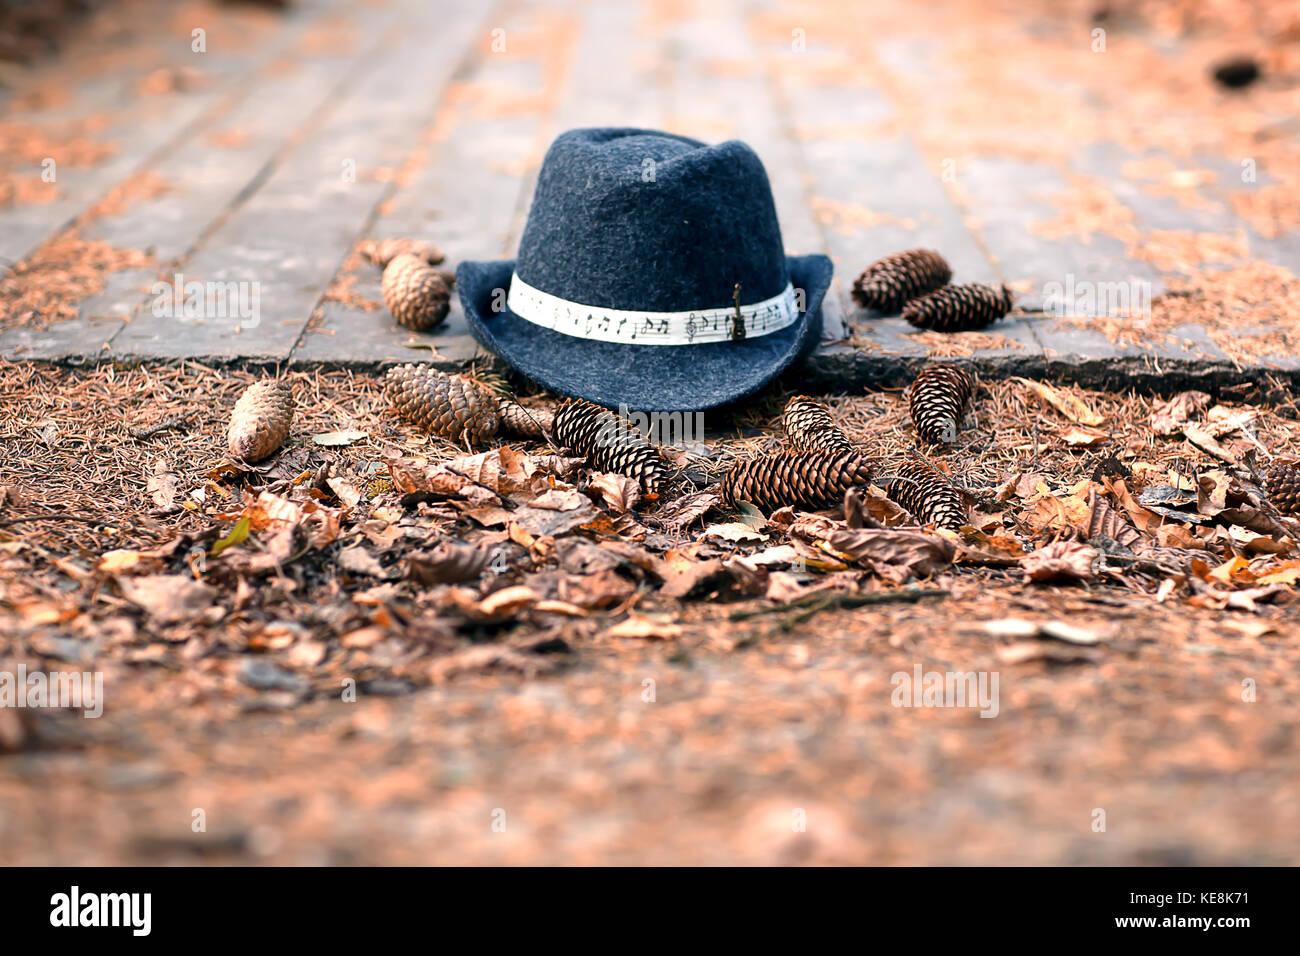 Vintage clásico dama azul y gris oscuro en el sombrero de un piso de madera  y 6deb6c0ac4f2